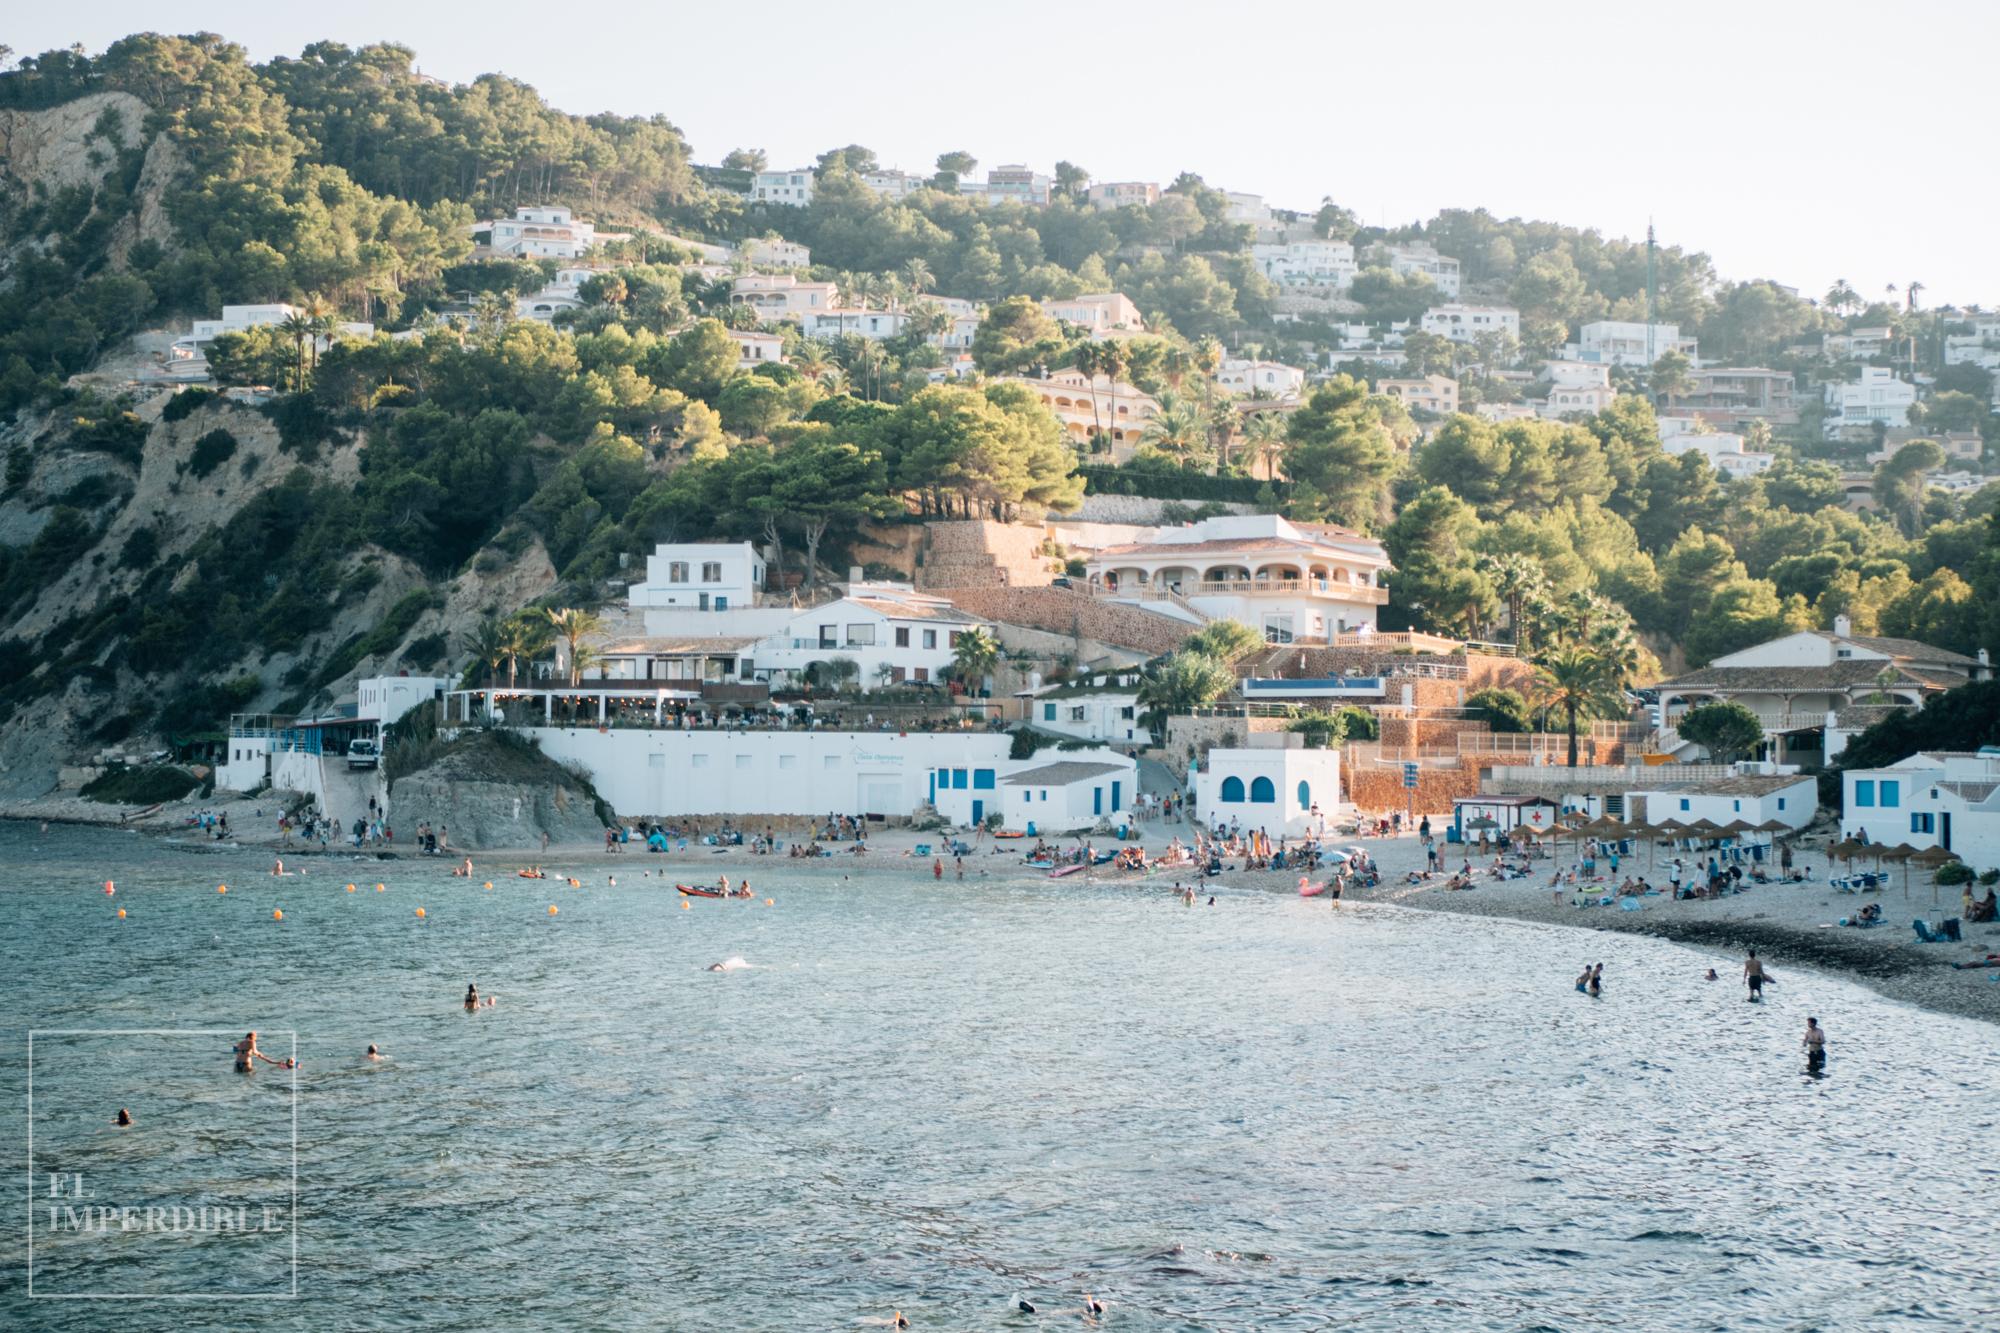 La Barraca Portitxol la mejor cala de Alicante y la Comunidad Valenciana